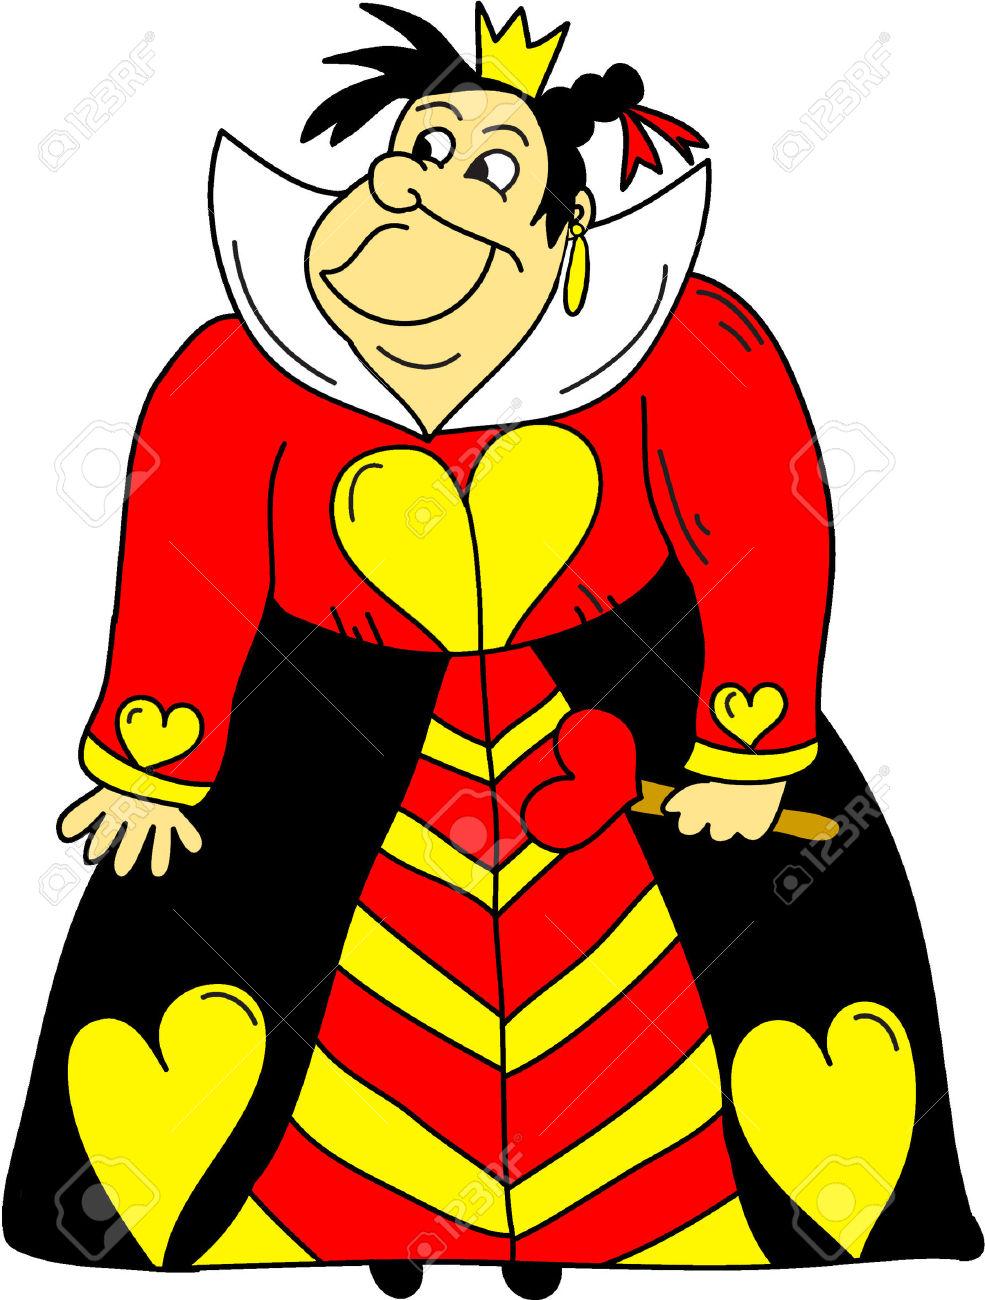 Alice in wonderland queen of hearts clip art image freeuse The Queen Of Hearts Clipart- Alice In Wonderland Cartoons Royalty ... image freeuse